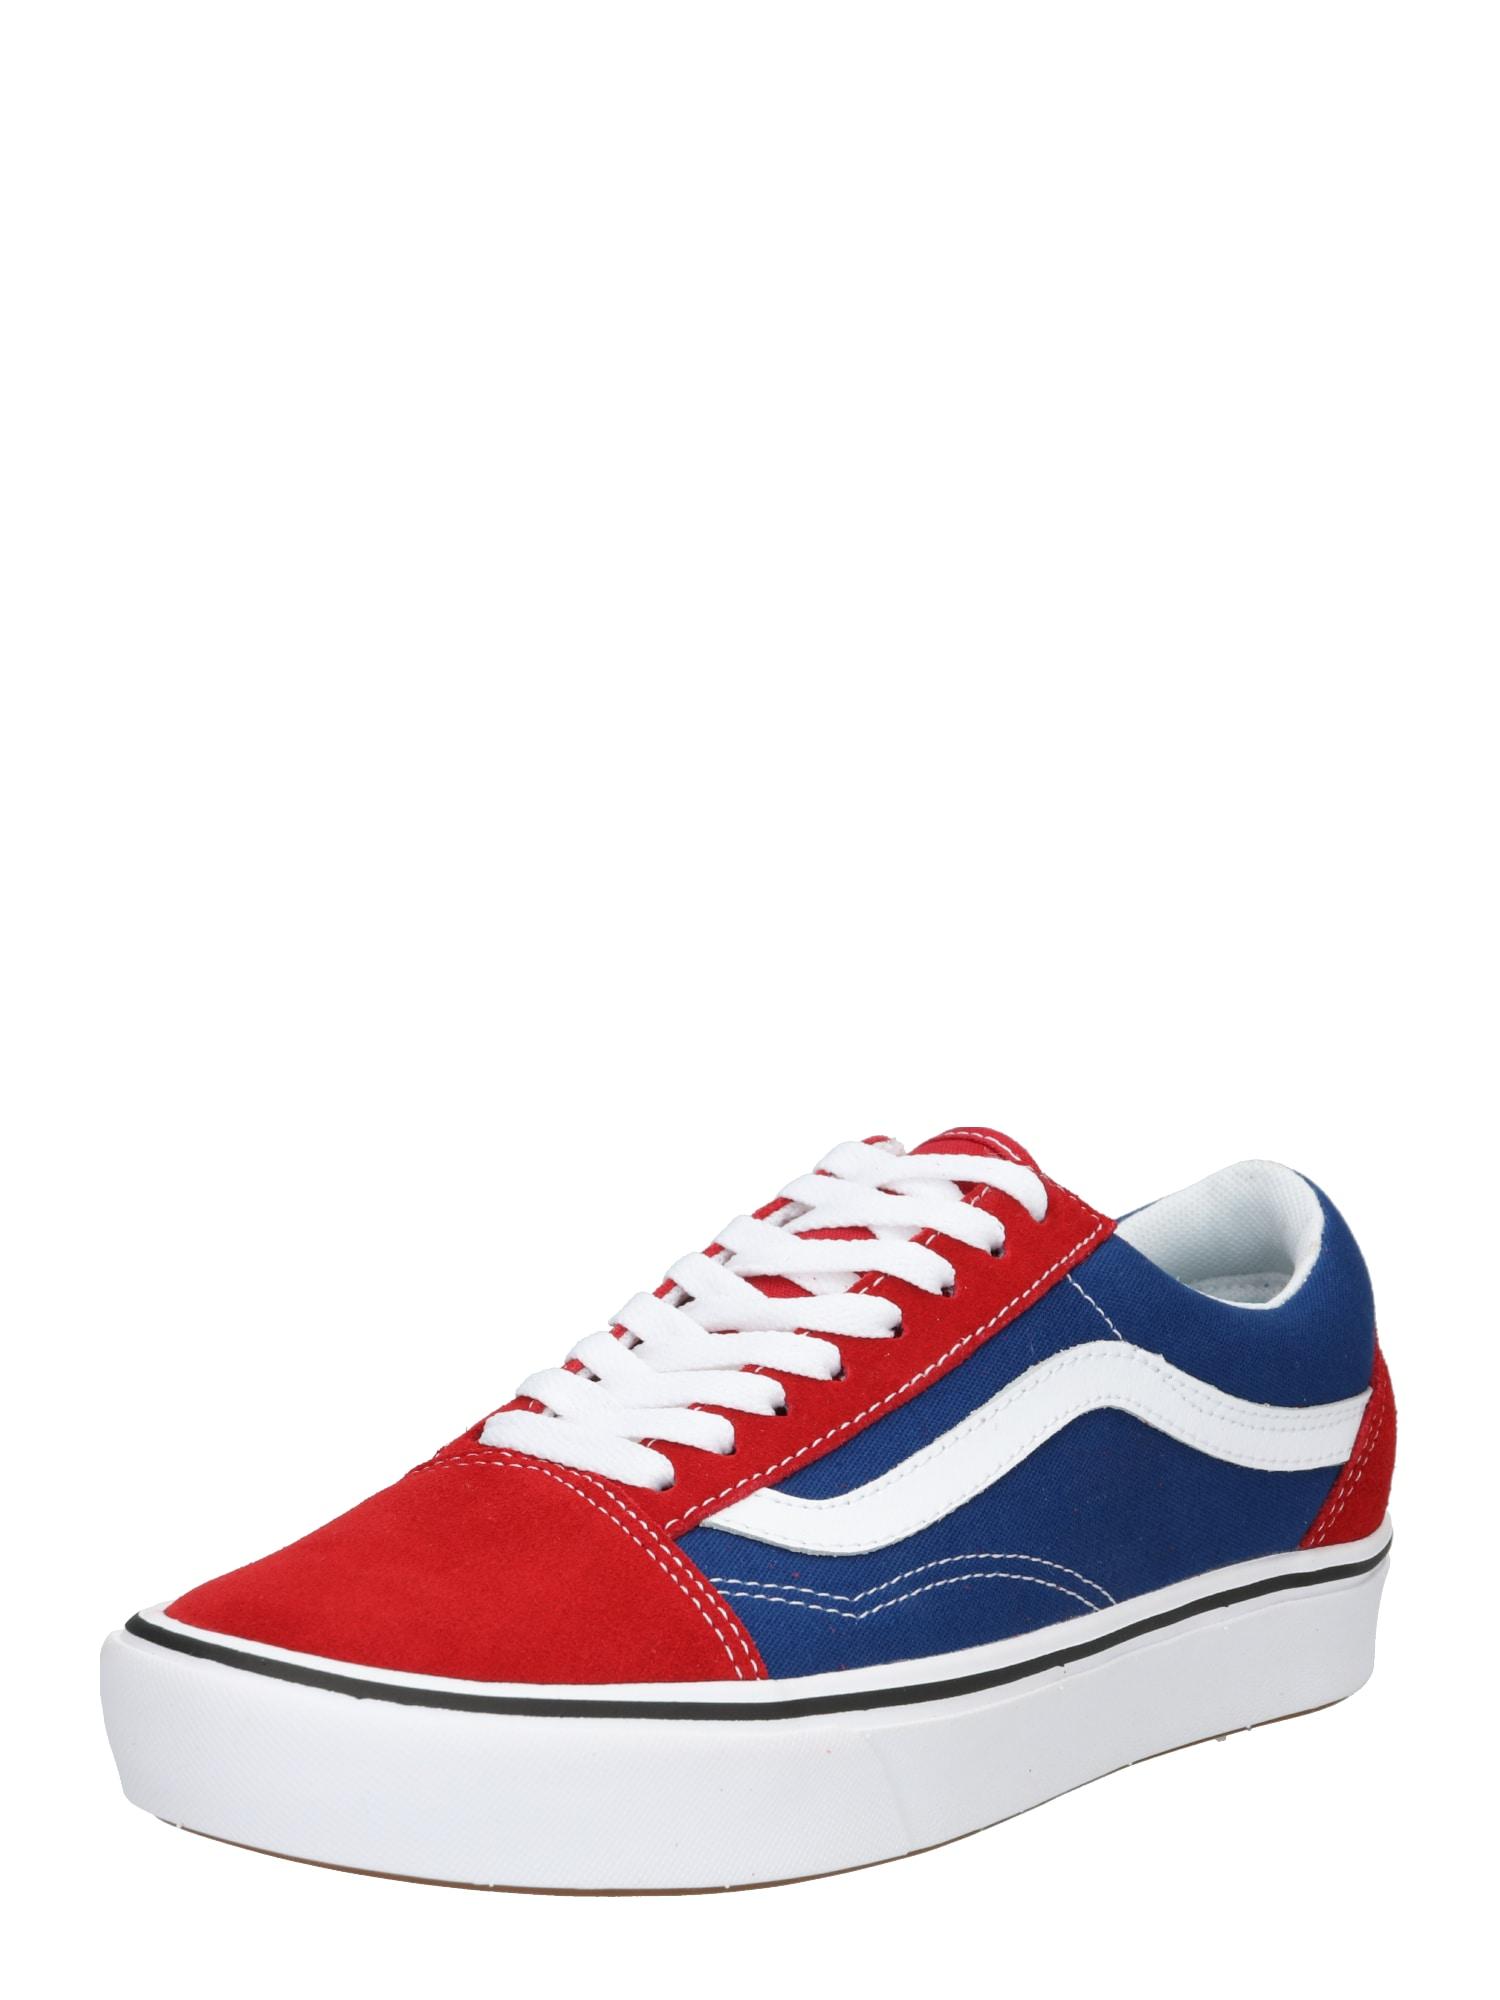 Tenisky modrá červená bílá VANS